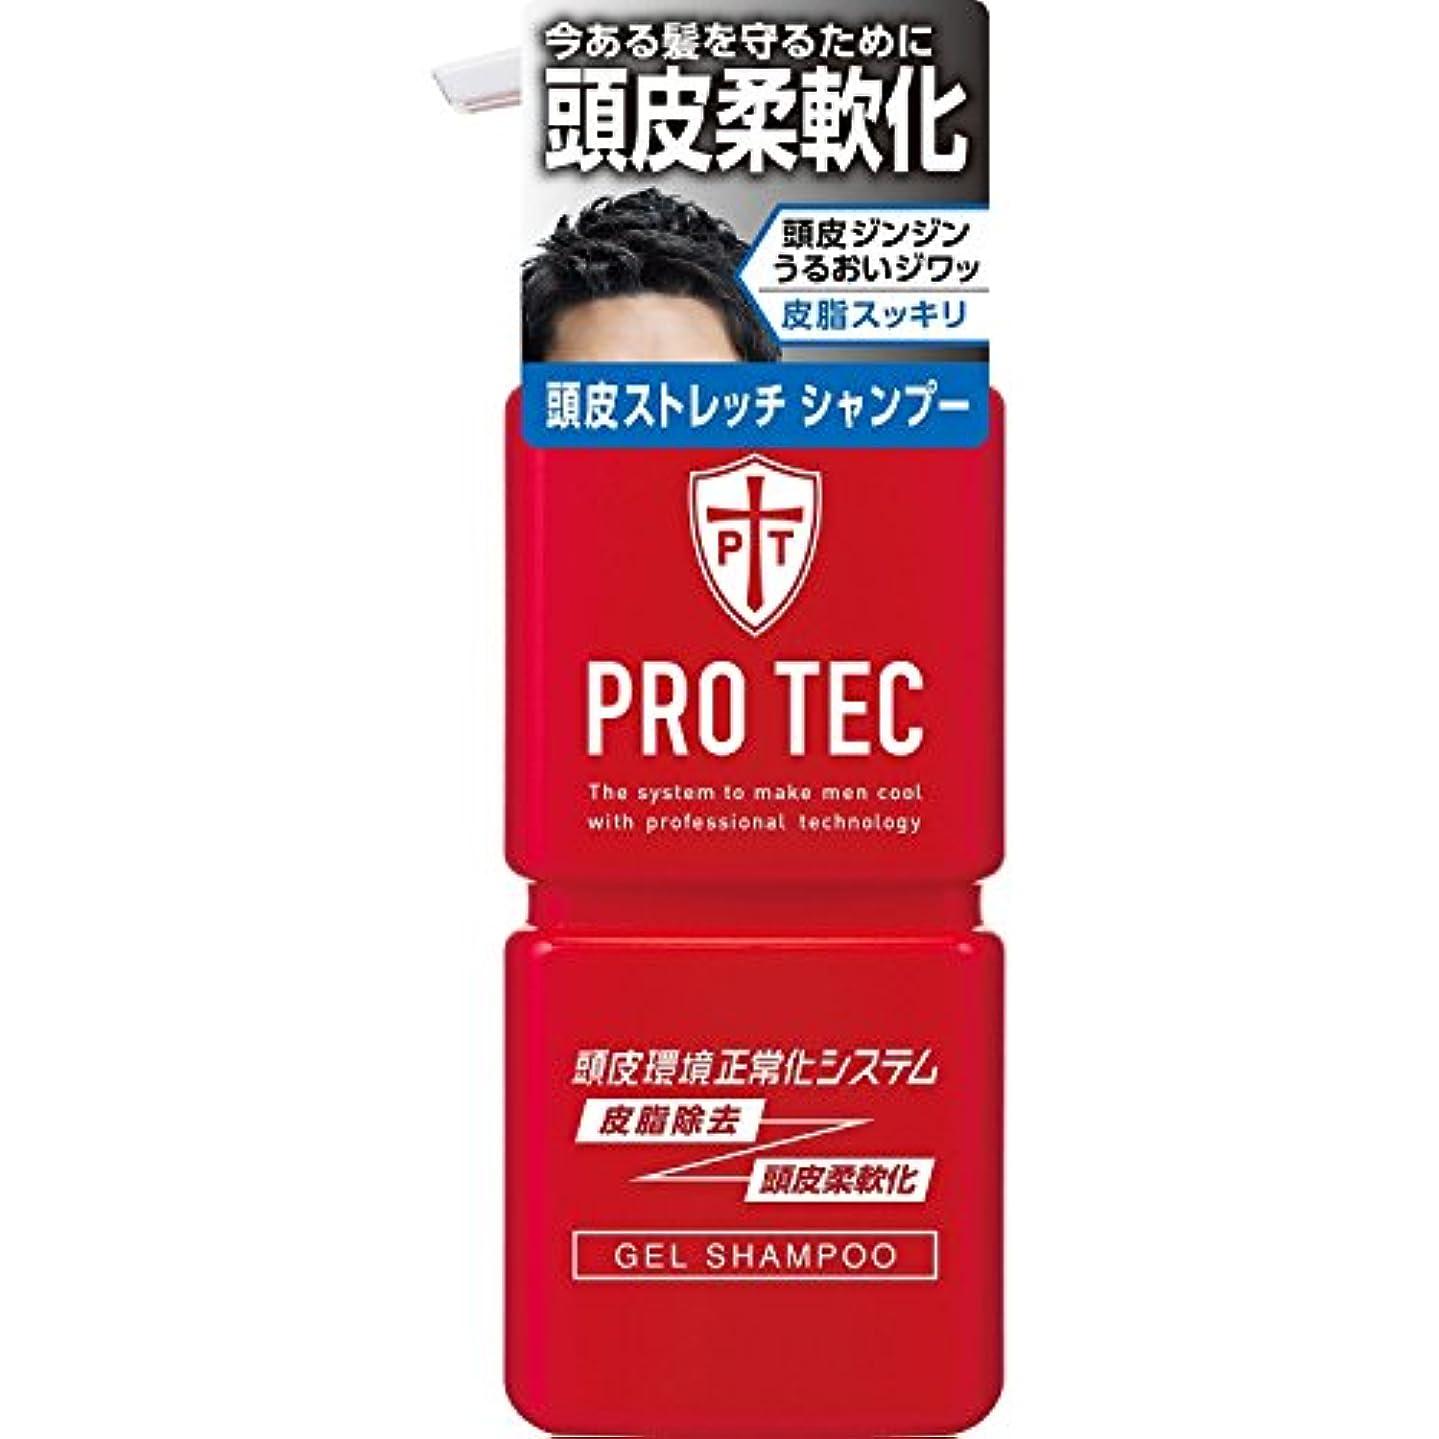 ペルセウス反響するエイリアスPRO TEC(プロテク) 頭皮ストレッチ シャンプー 本体ポンプ 300g(医薬部外品)